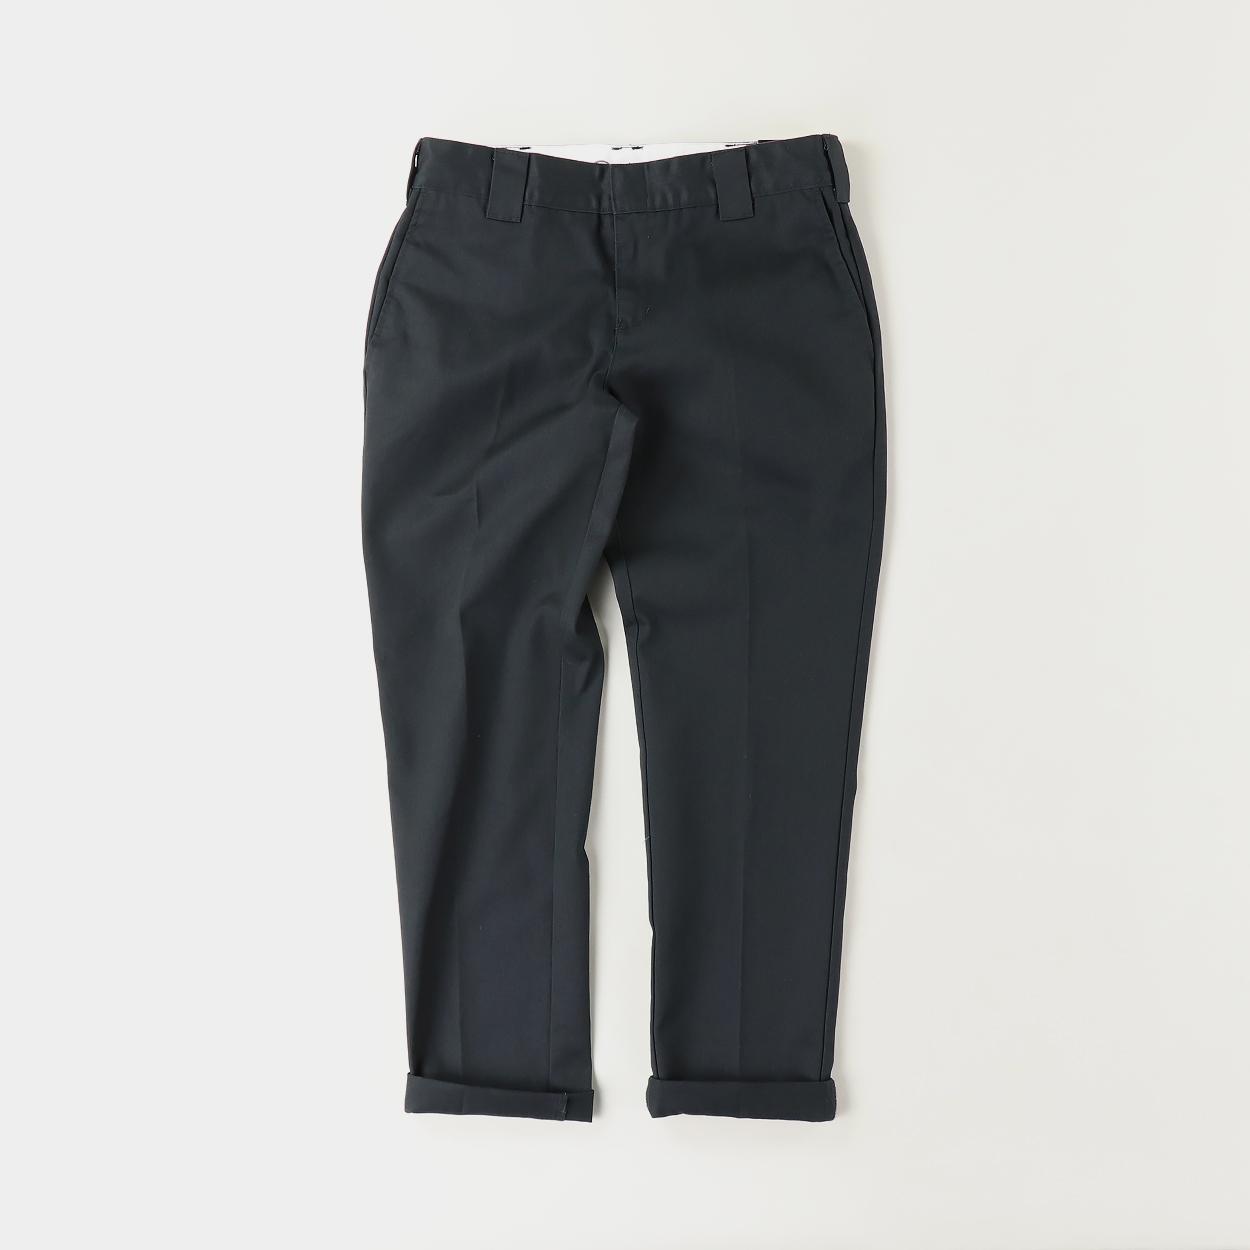 9ca84dc7610 Dickies 872 Slim Fit Work Pants Trousers Chinos Black £45.00